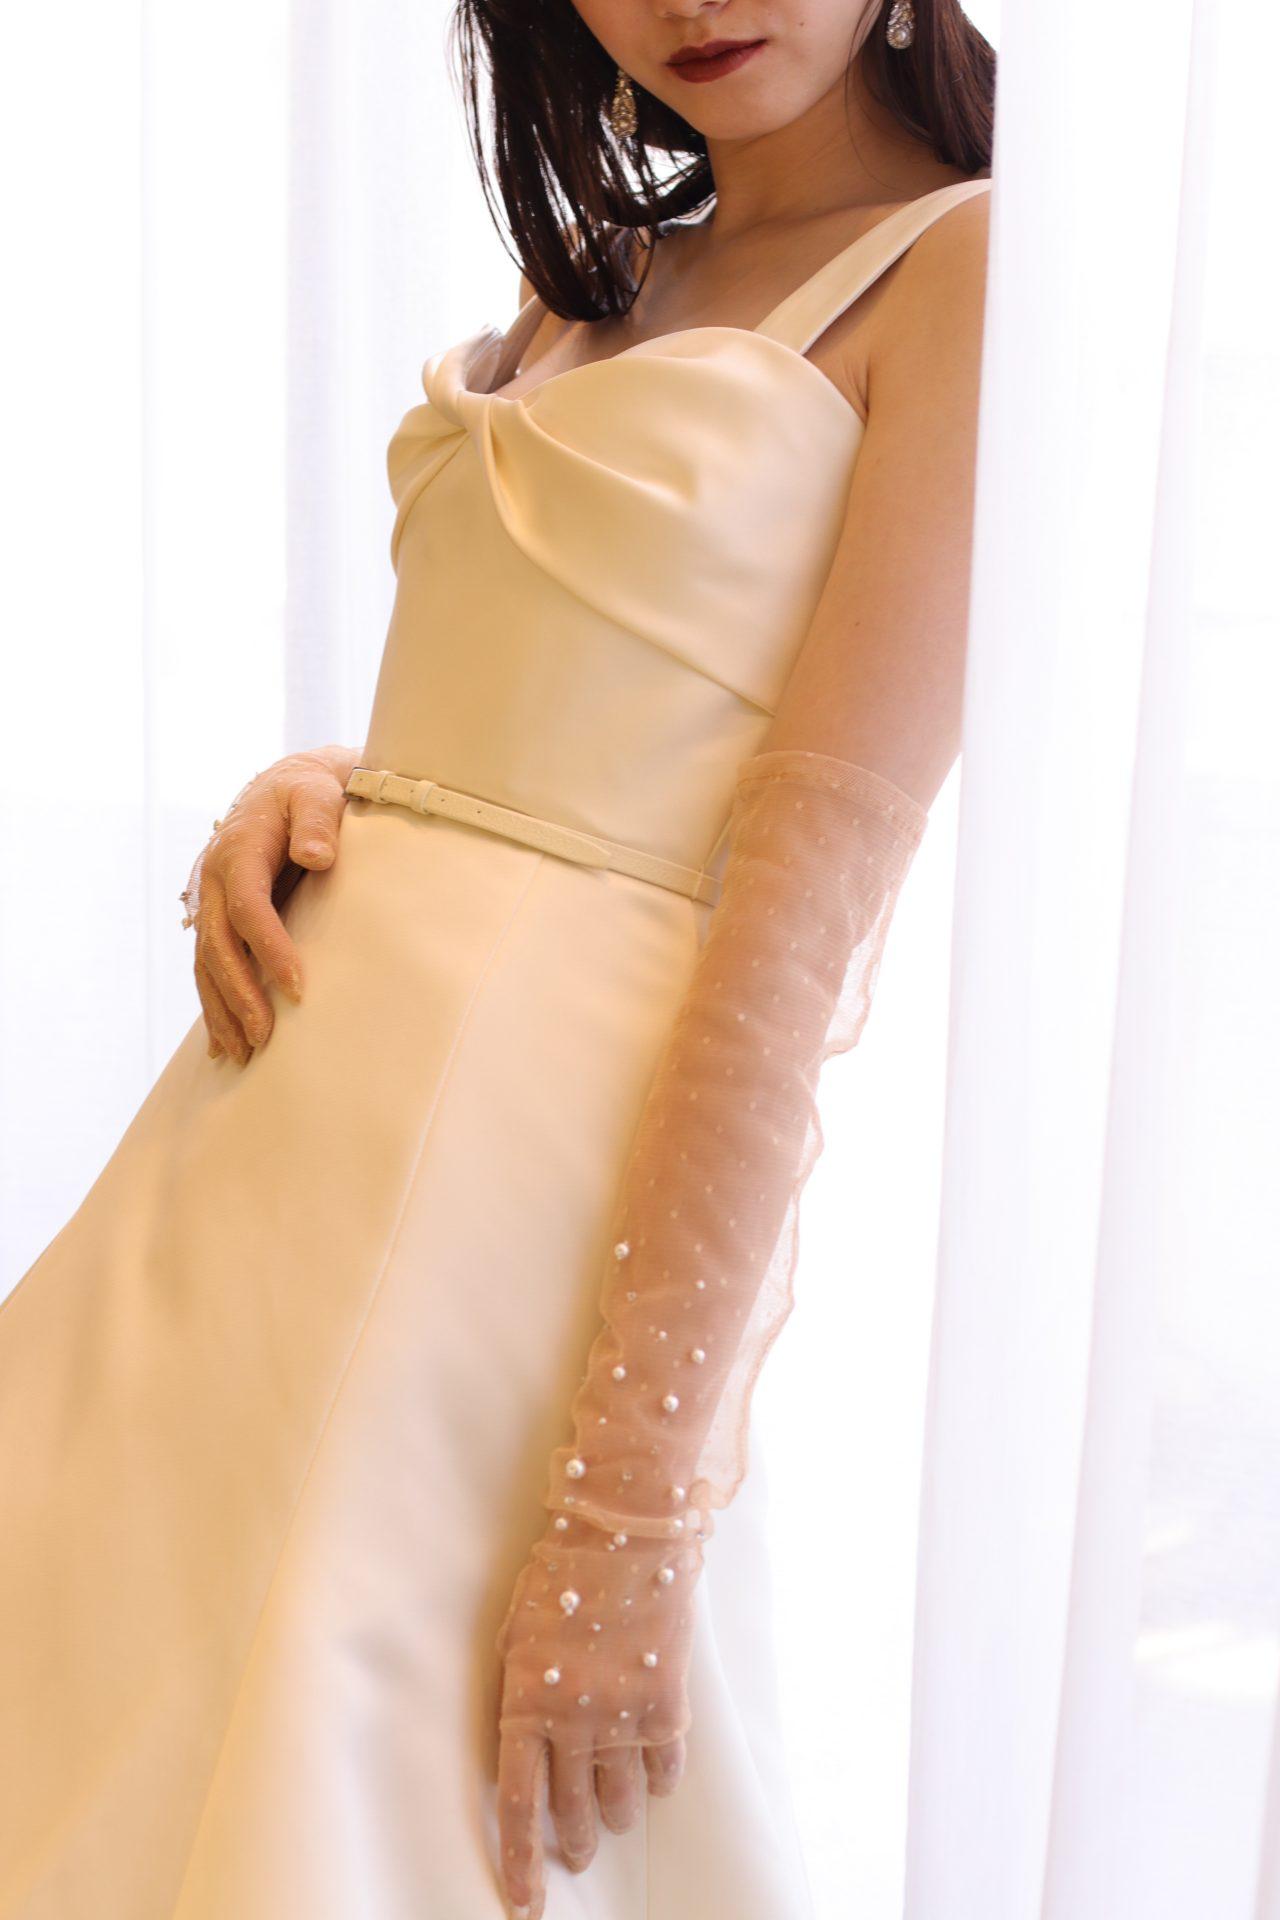 インポートブランドを取り扱うドレスショップ ザ・トリート・ドレッシングの上質でスタイリッシュなウェディングドレスに、夏の結婚式にもオススメな透け感のあるロンググローブを合わせたコーディネート